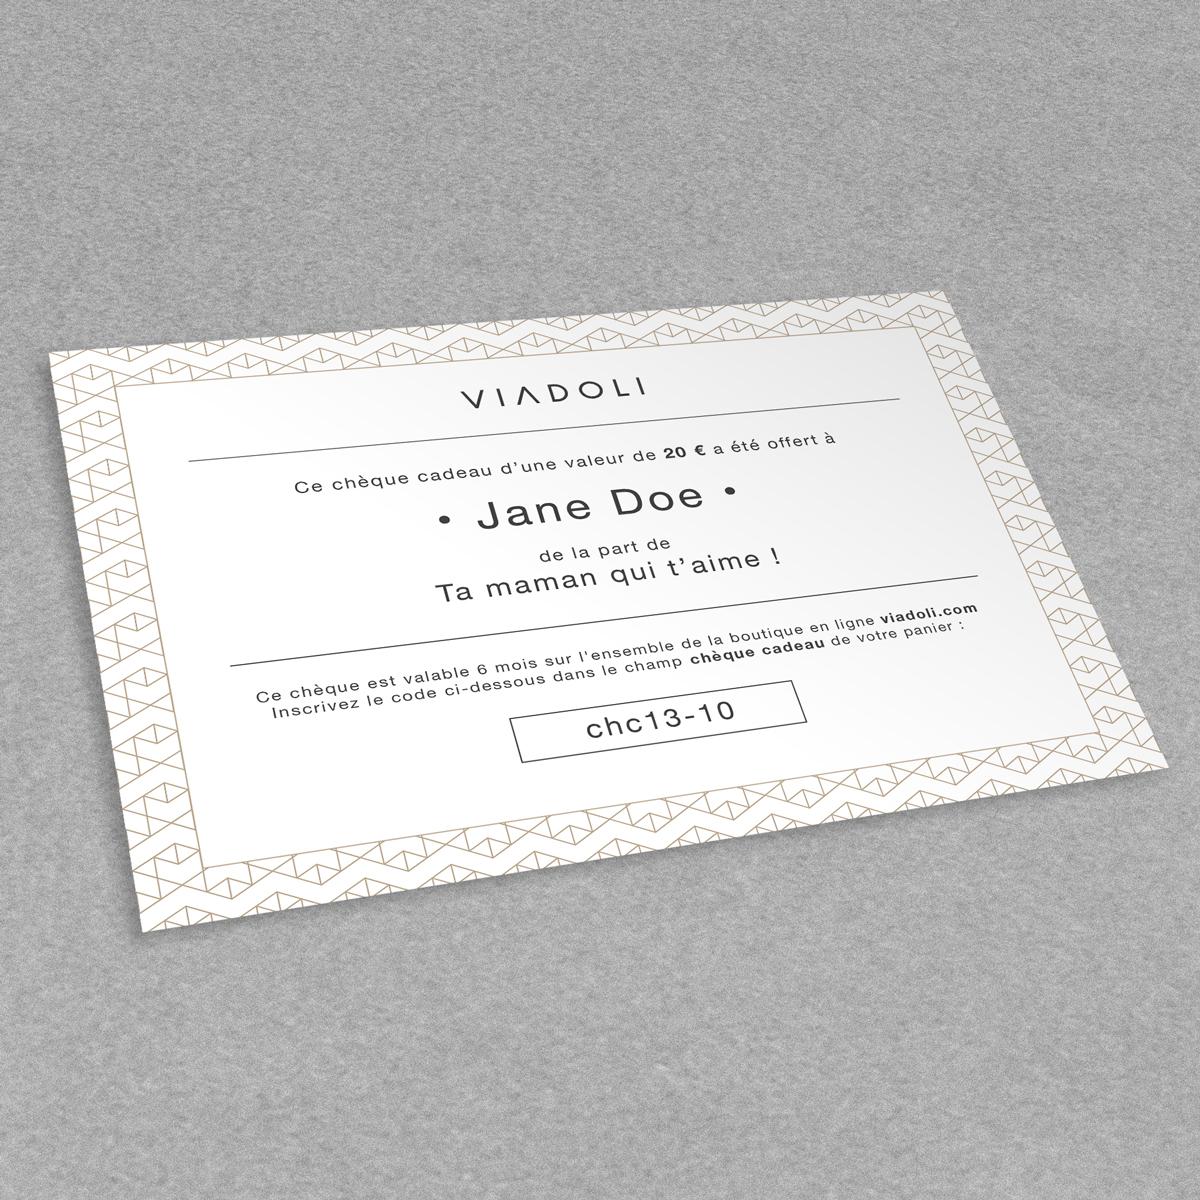 viadoli-cc-20e